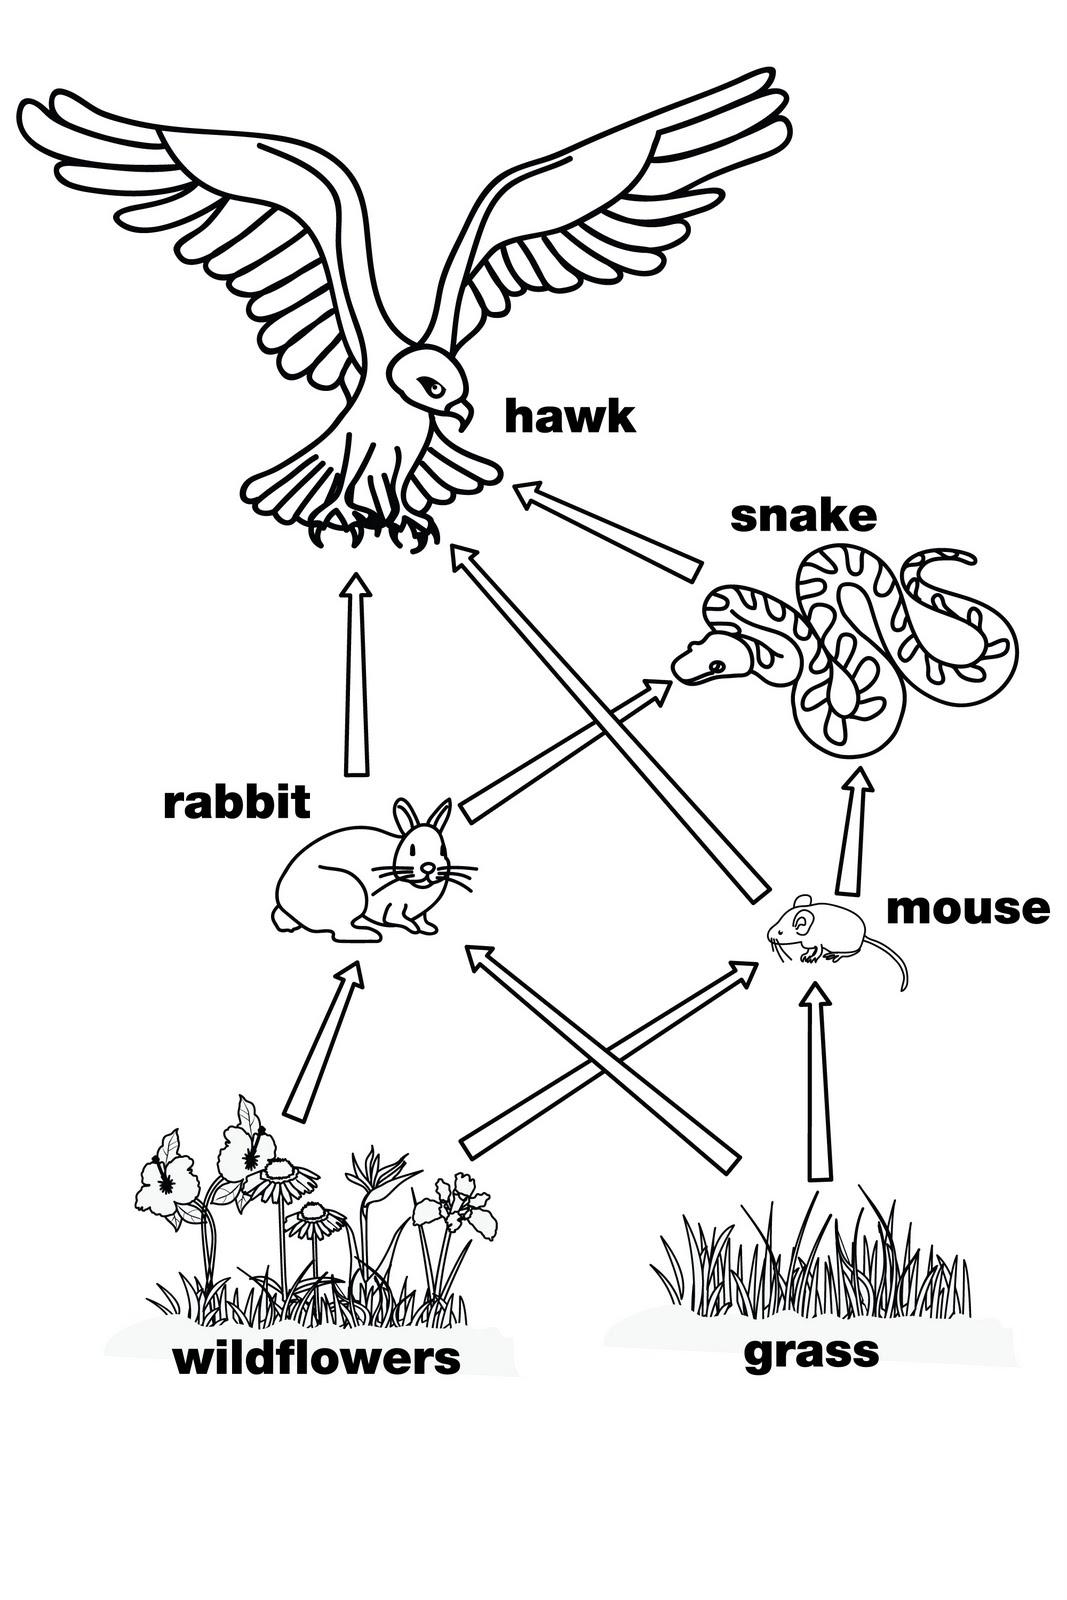 Octopus Food Chain Diagram Nordyne Condenser Unit Wiring Aquarium Animal Habitat Webquest